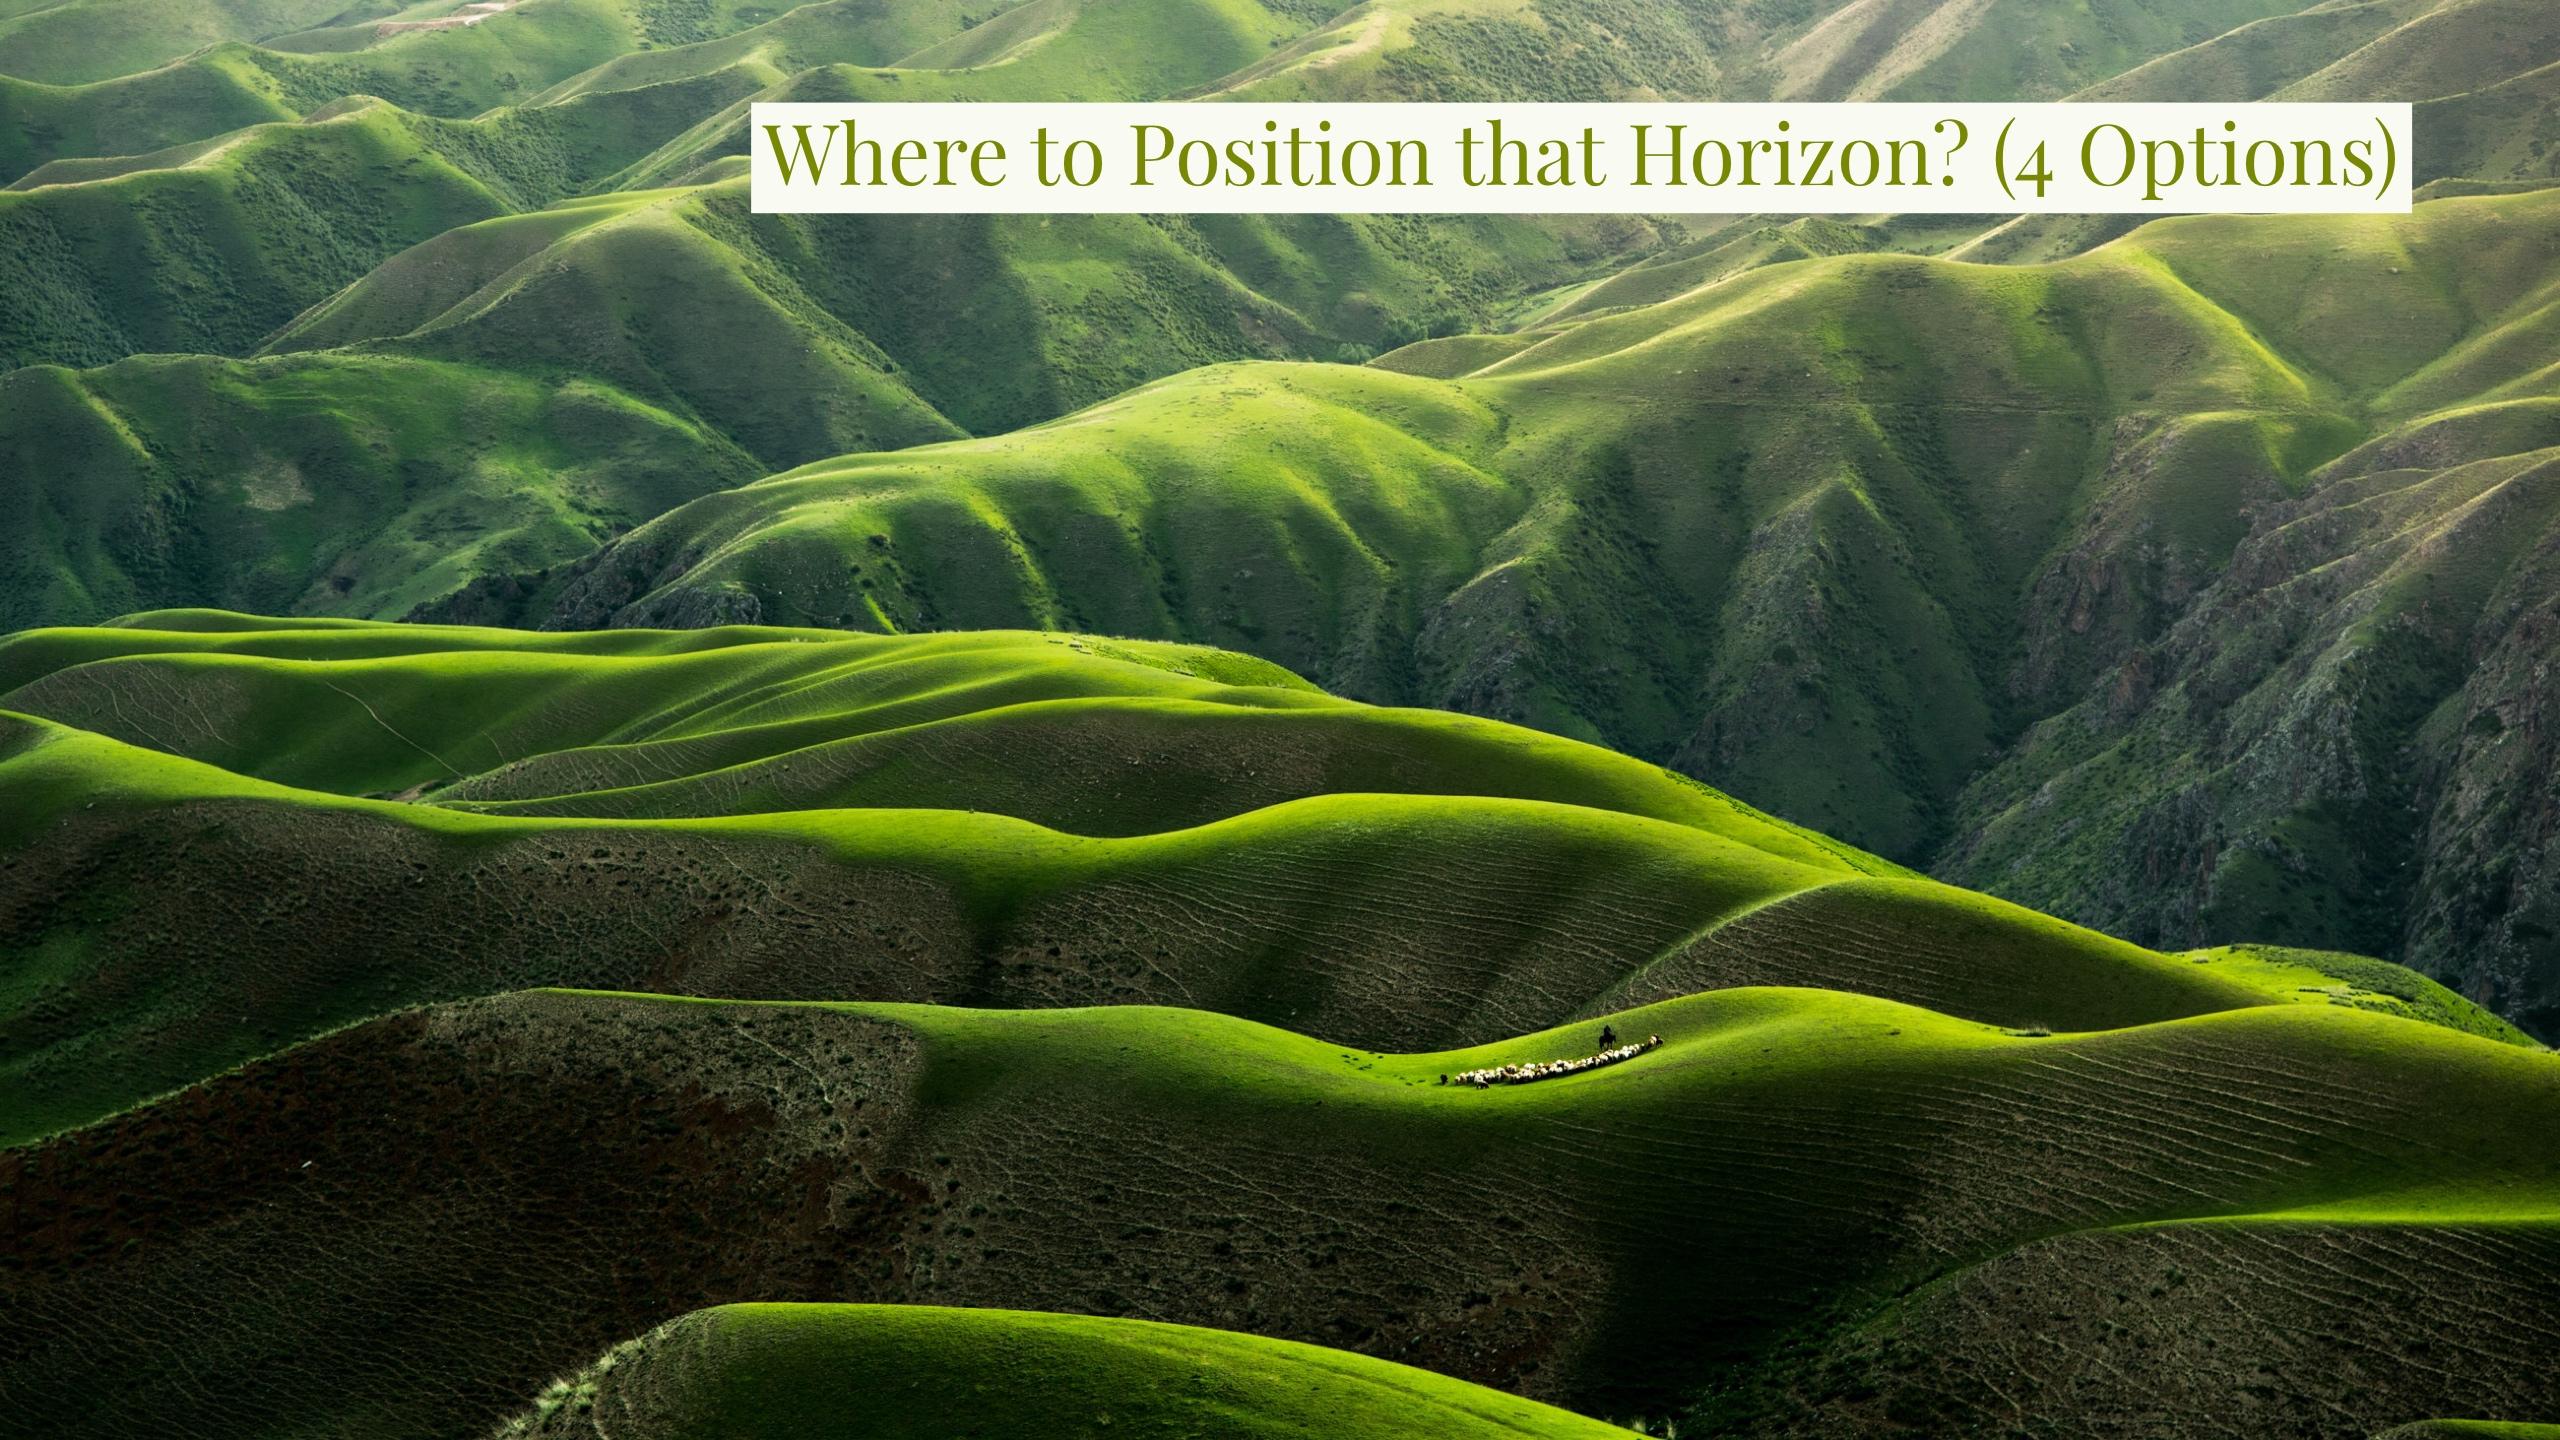 Where to Position that Horizon?